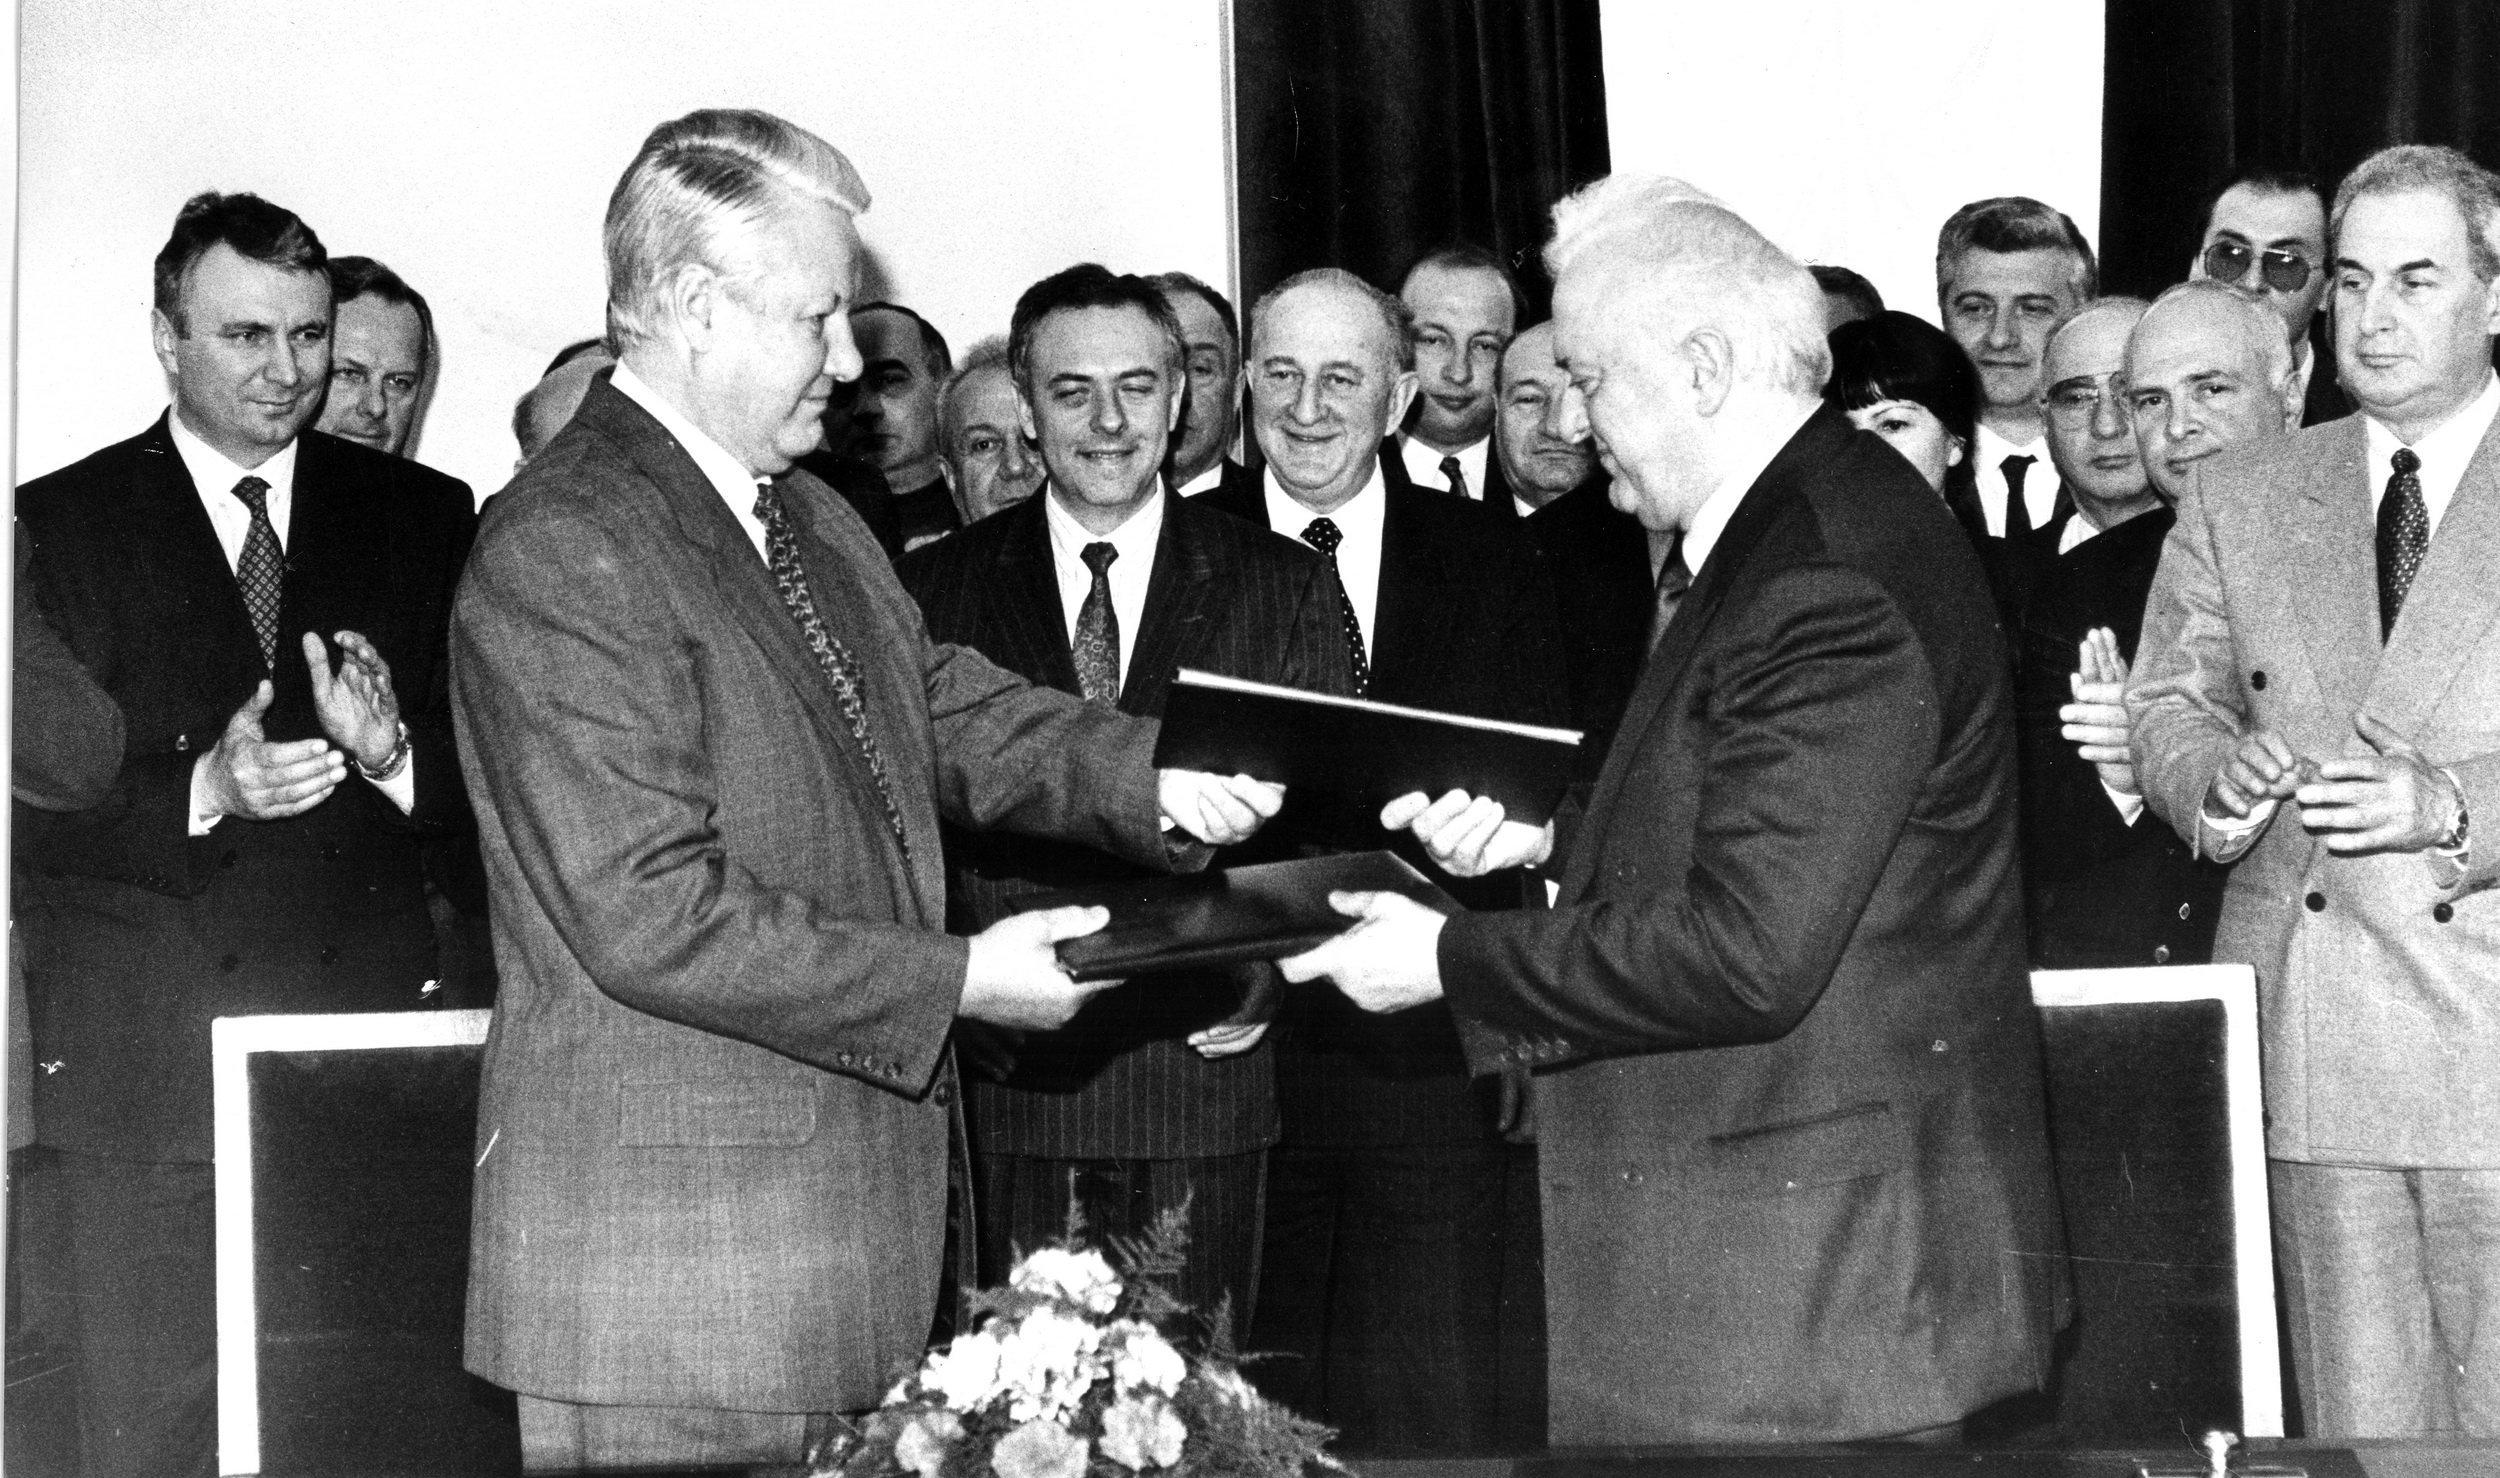 Президент РФ Борис Ельцин и президент Грузии Эдуард Шеварднадзе подписали Договор о российско-грузинский дружбе, добрососедстве и сотрудничестве, который так и не был ратифицирован